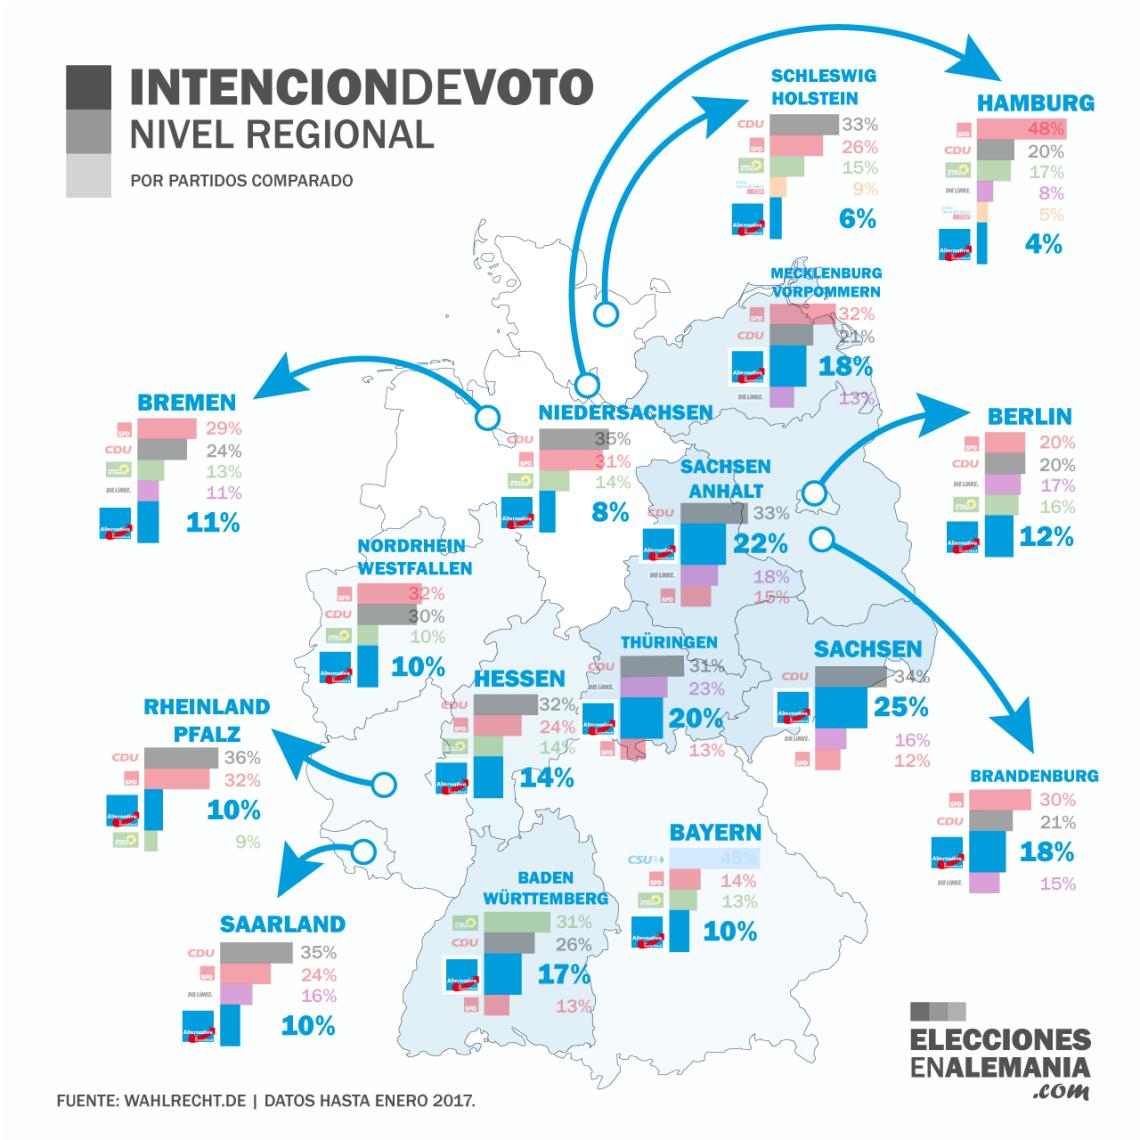 intencion-de-voto-nivel-regional-alemania-2017-enero-comparado